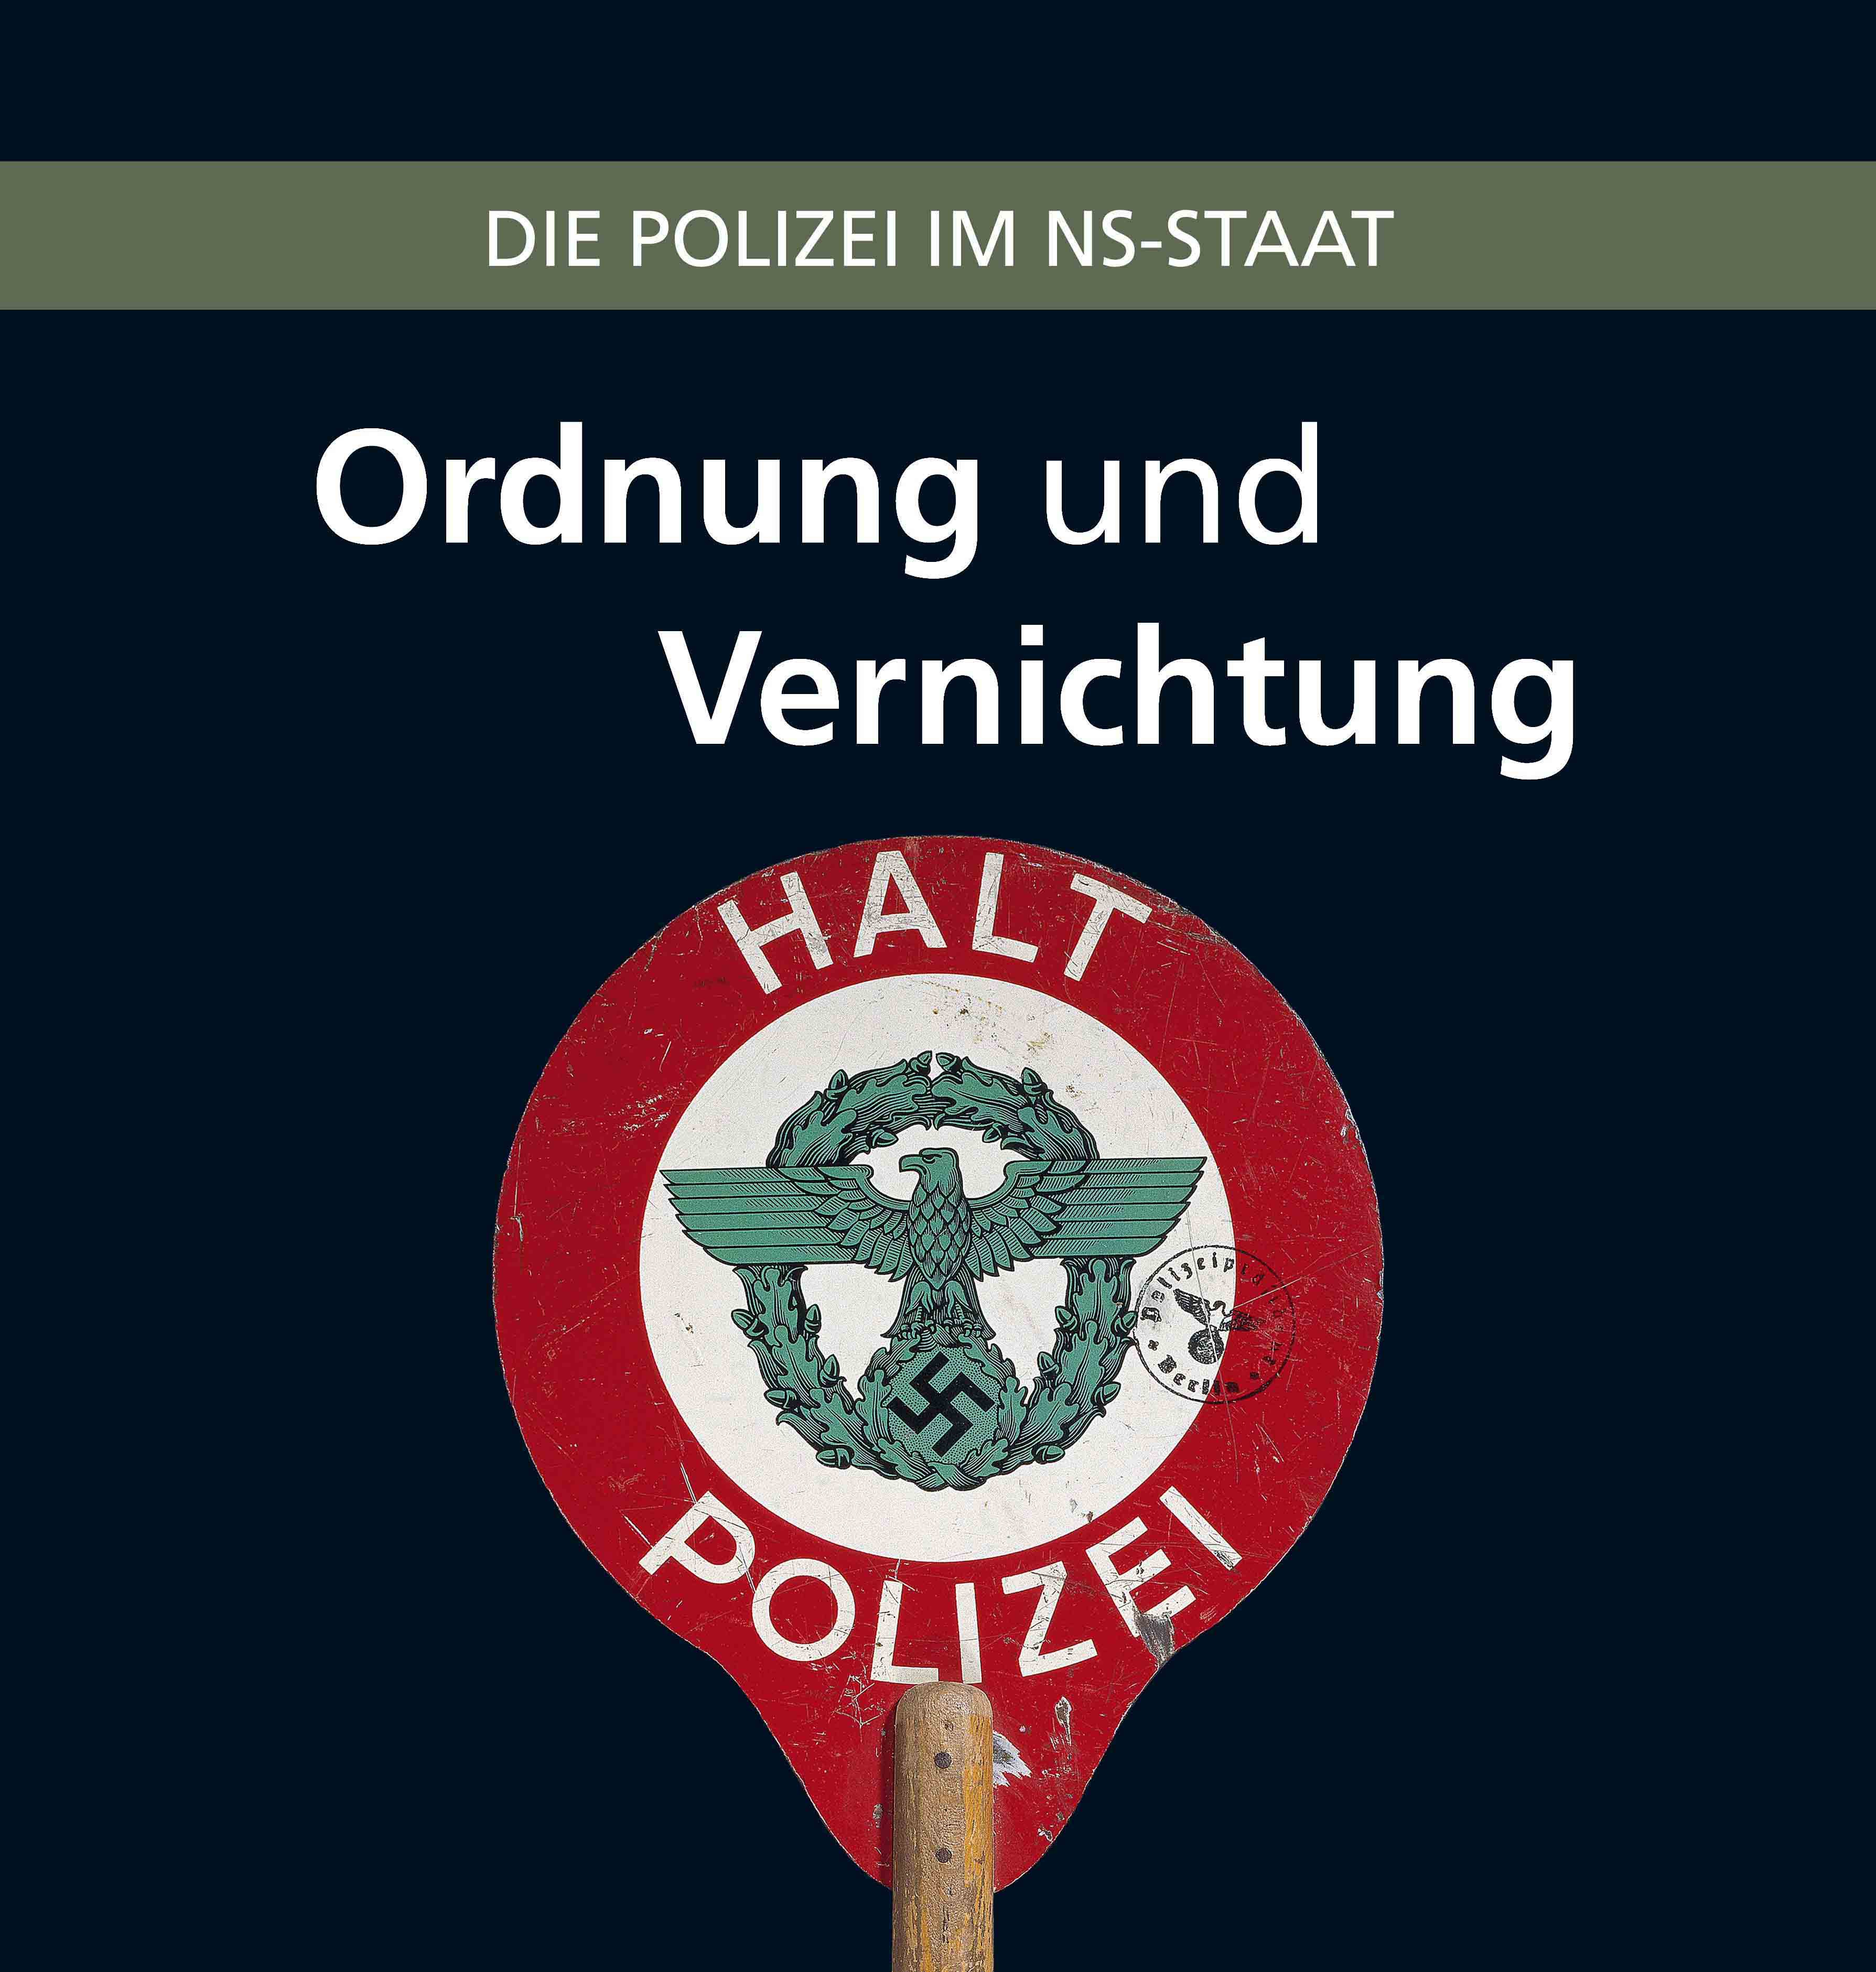 Ordnung und Vernichtung.Die Polizei im NS-Staat